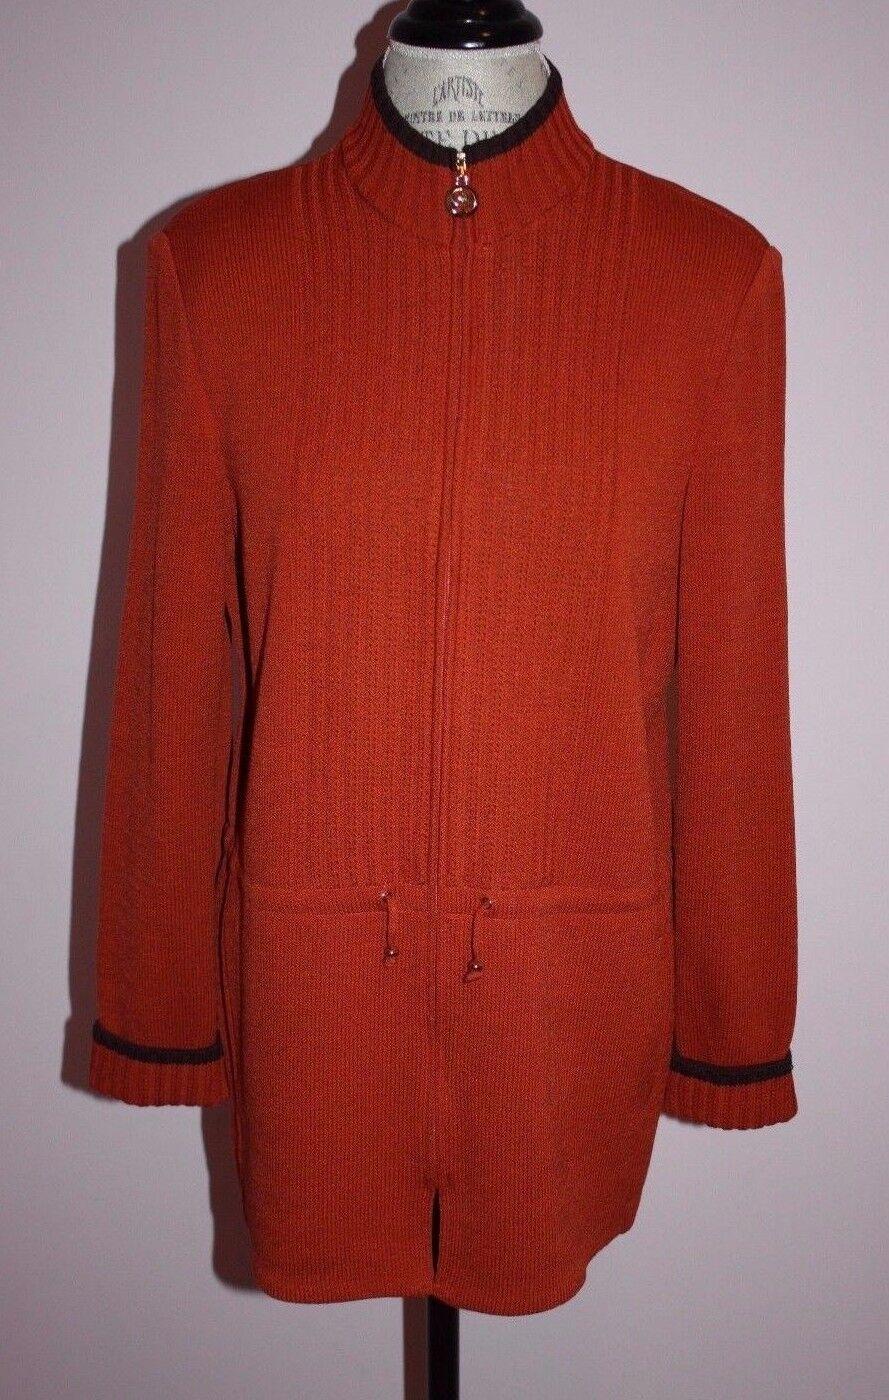 daMänner St. John Pumpkin braun Sweater Jacket Größe S